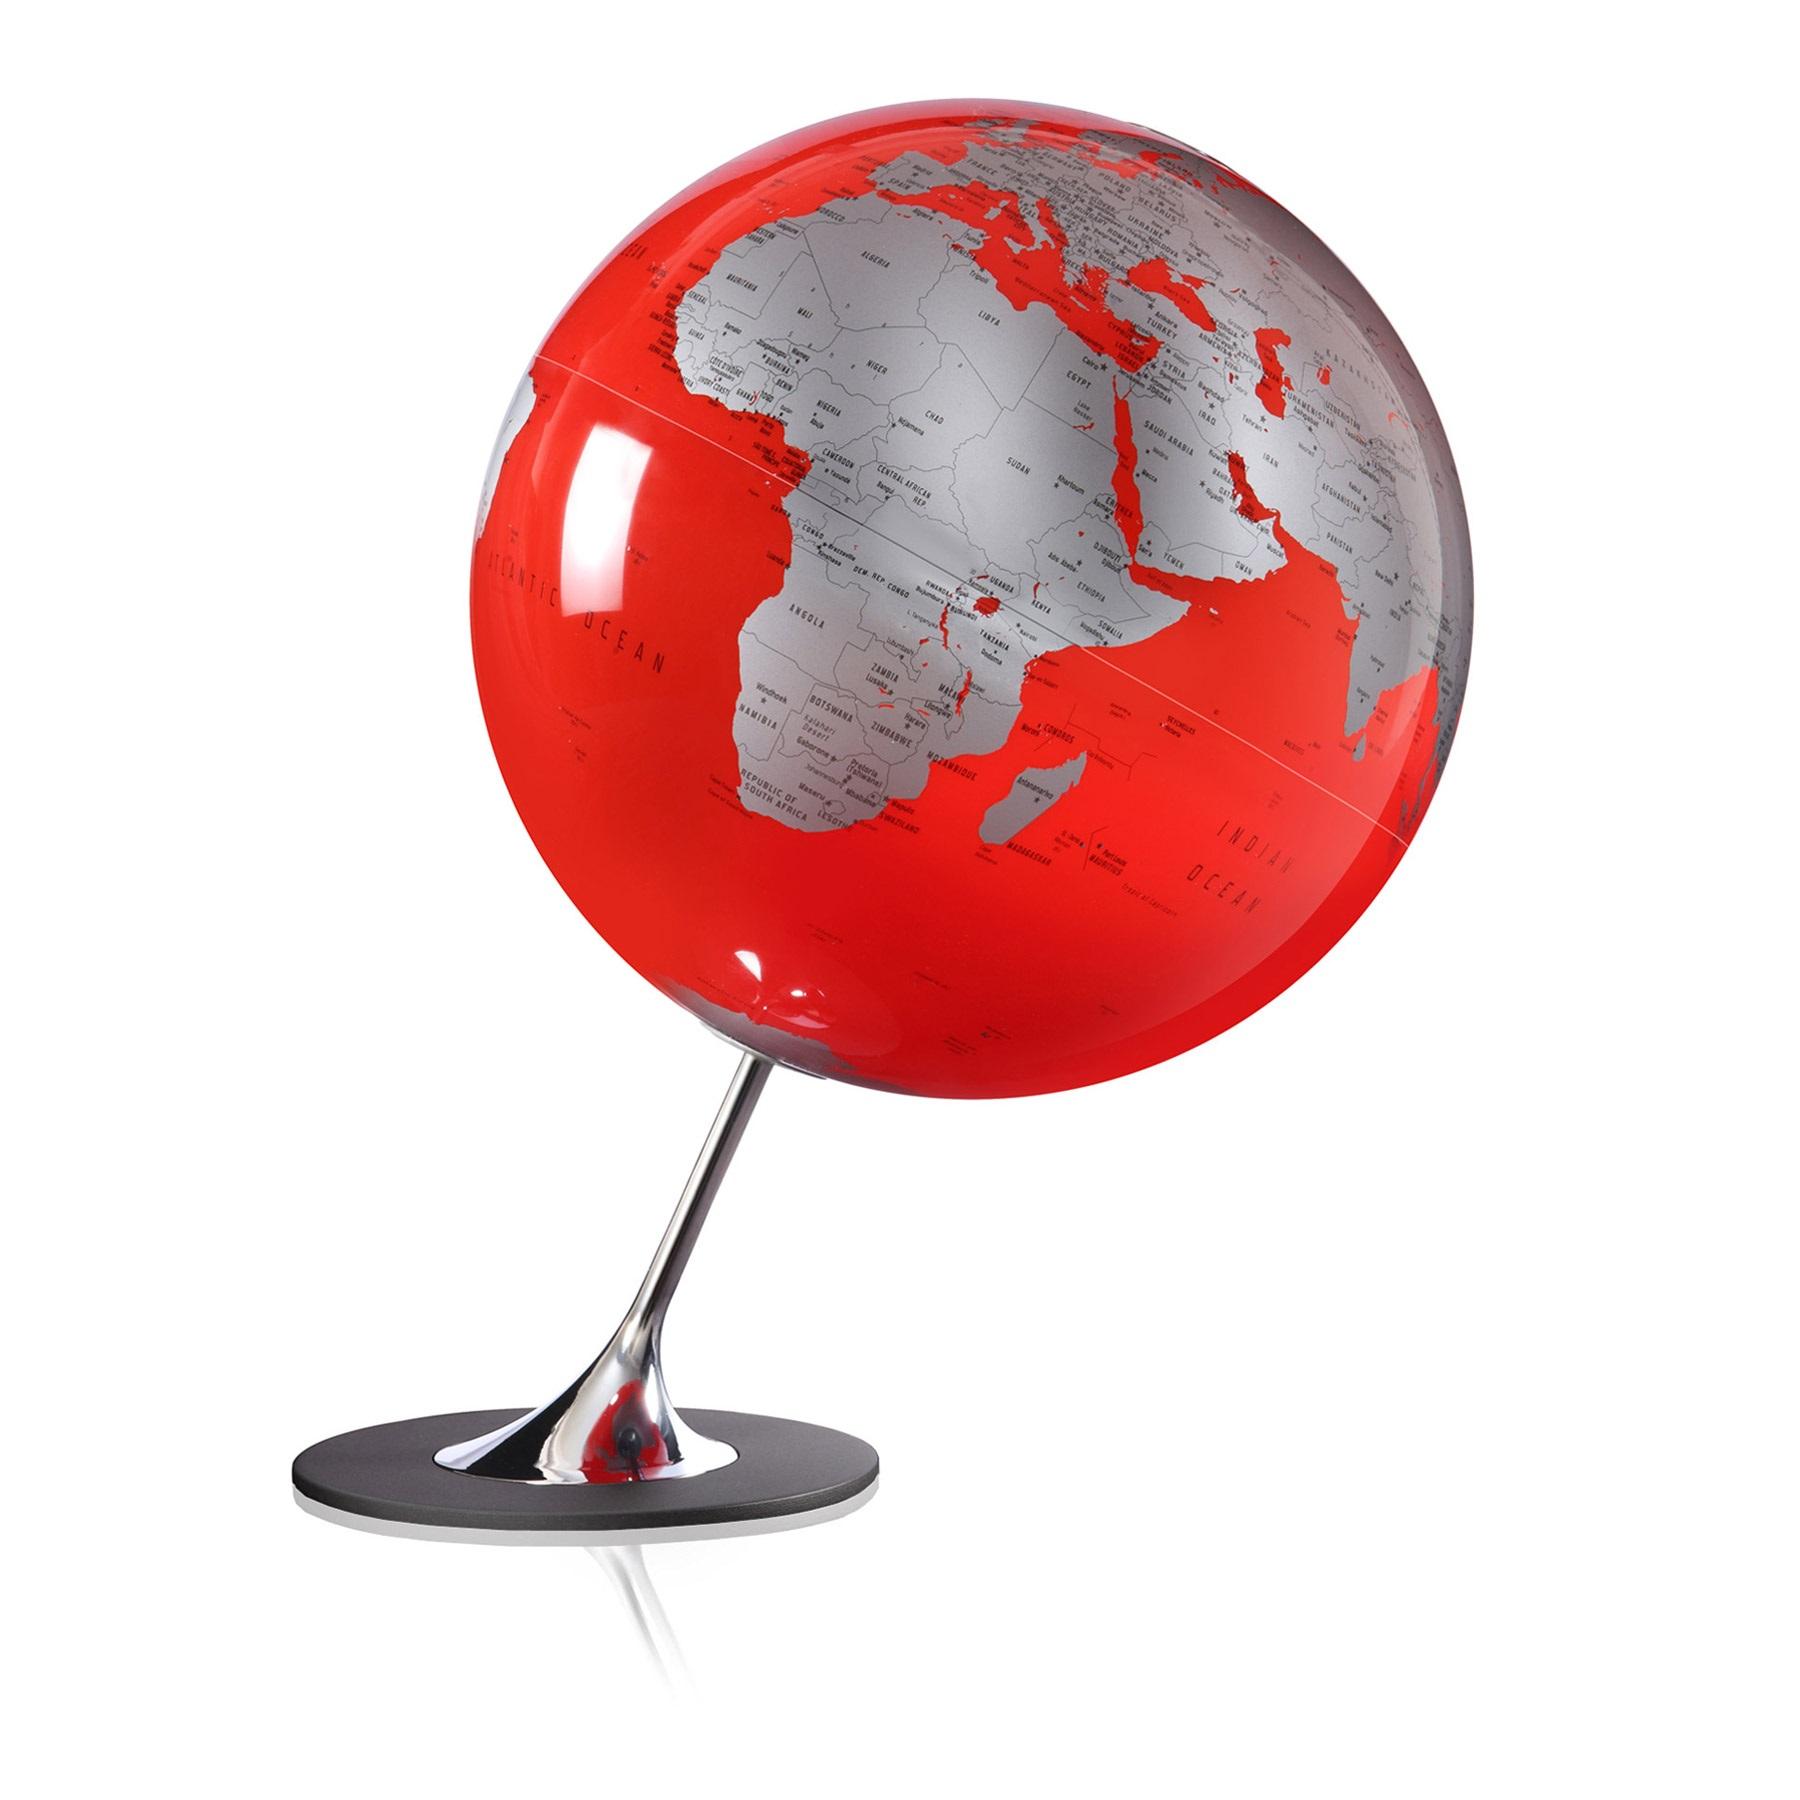 design globus mit interessantem gestell. Black Bedroom Furniture Sets. Home Design Ideas